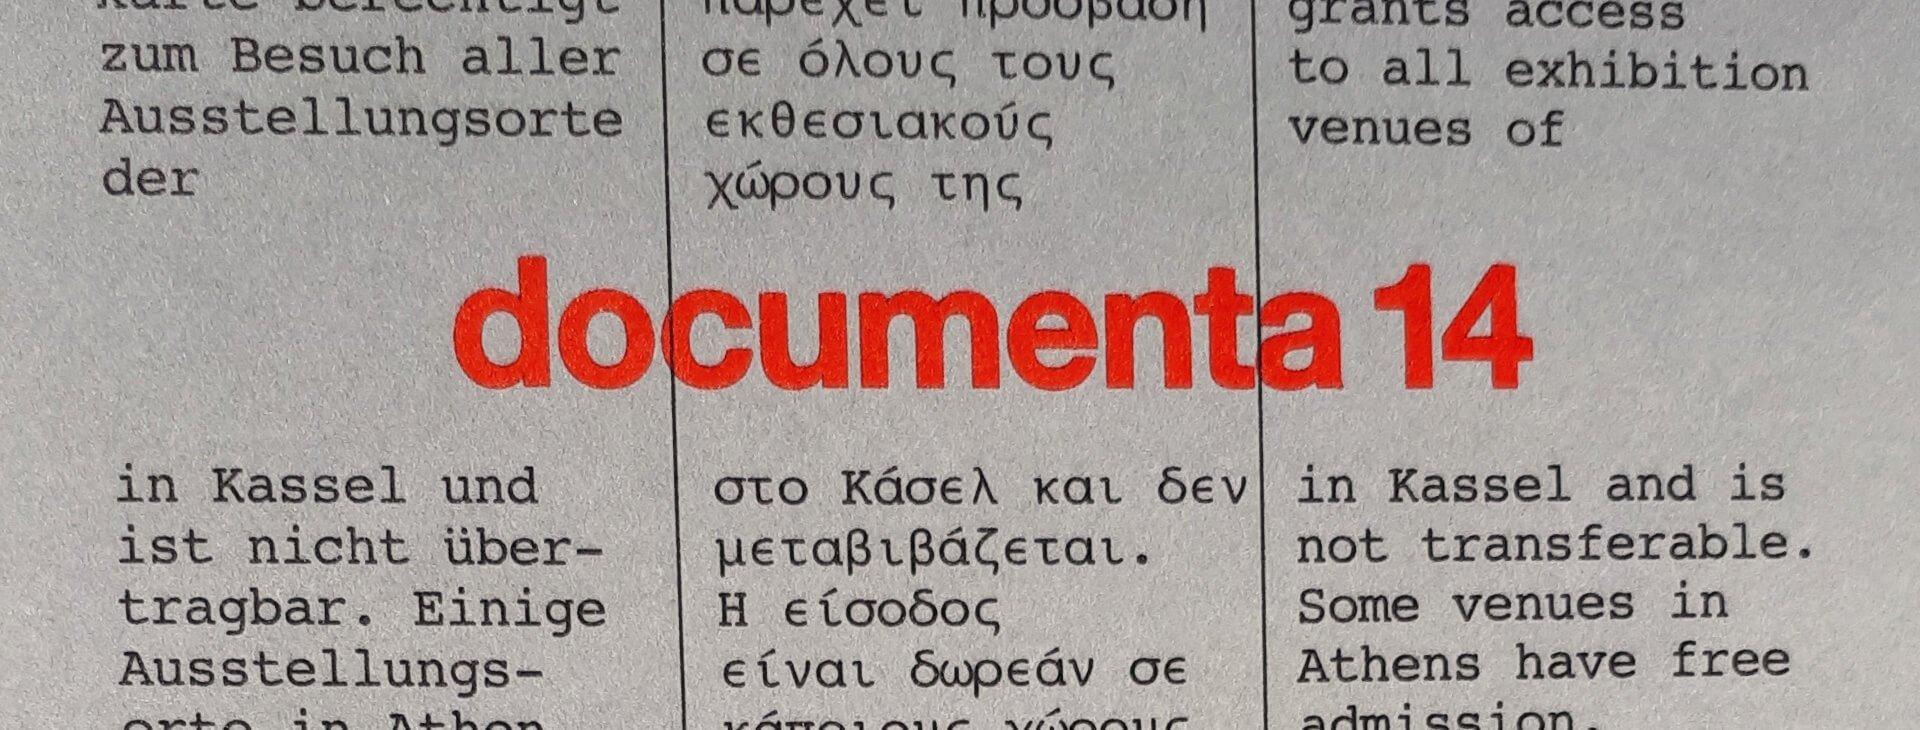 stilwerk_documenta14_stage